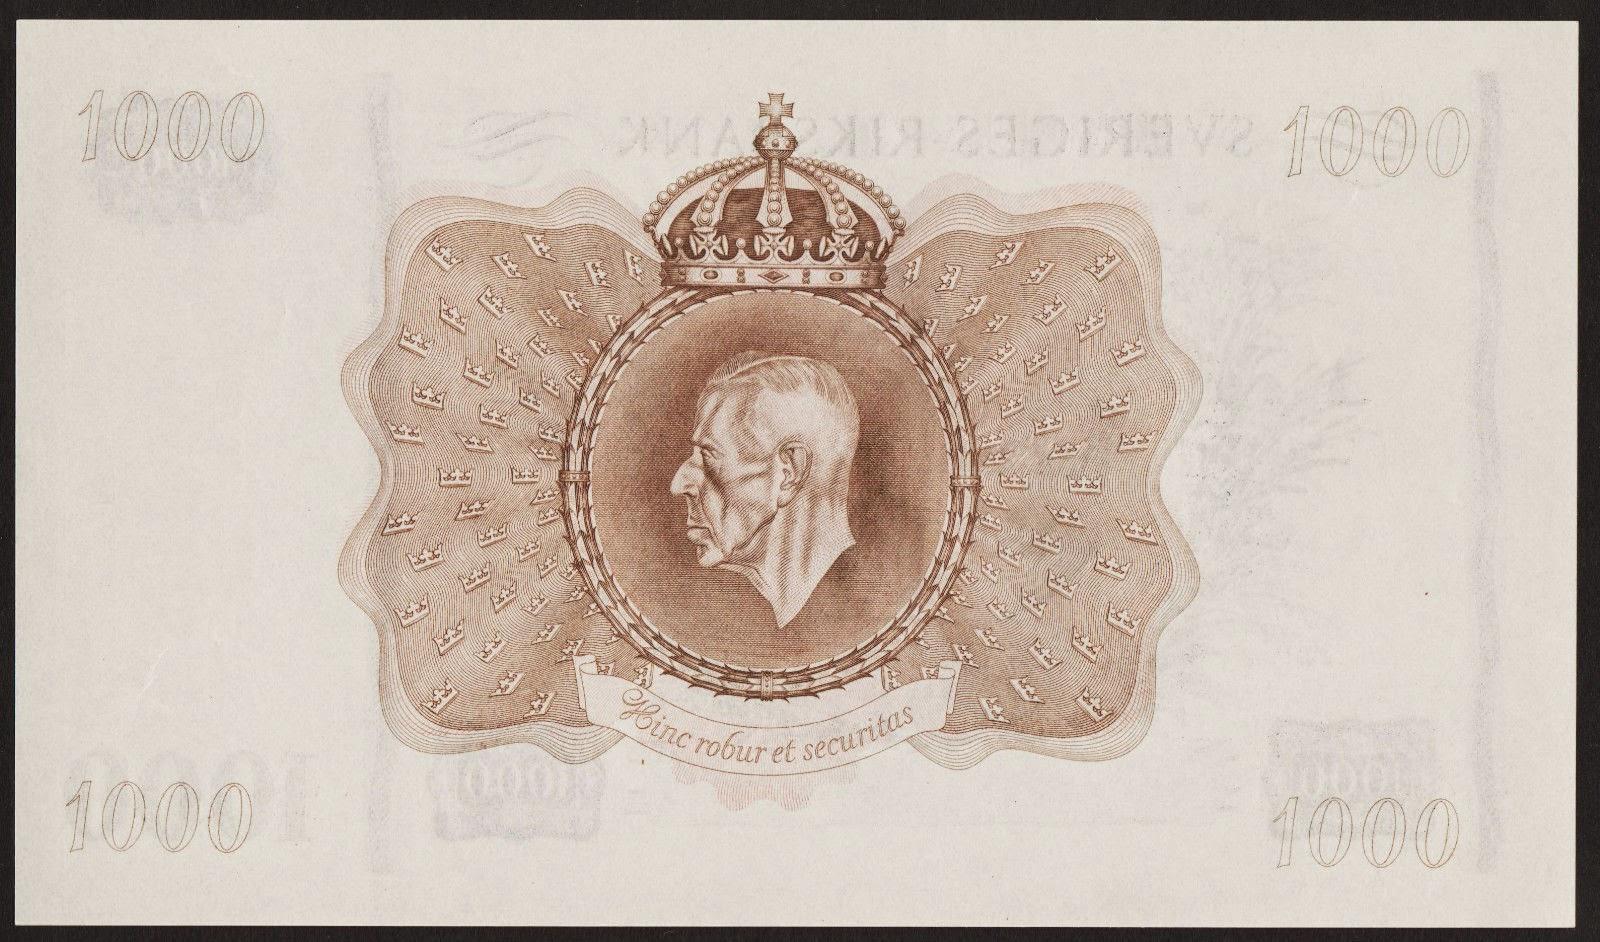 Sweden Banknotes 1000 Kronor banknote, Gustav V King of Sweden